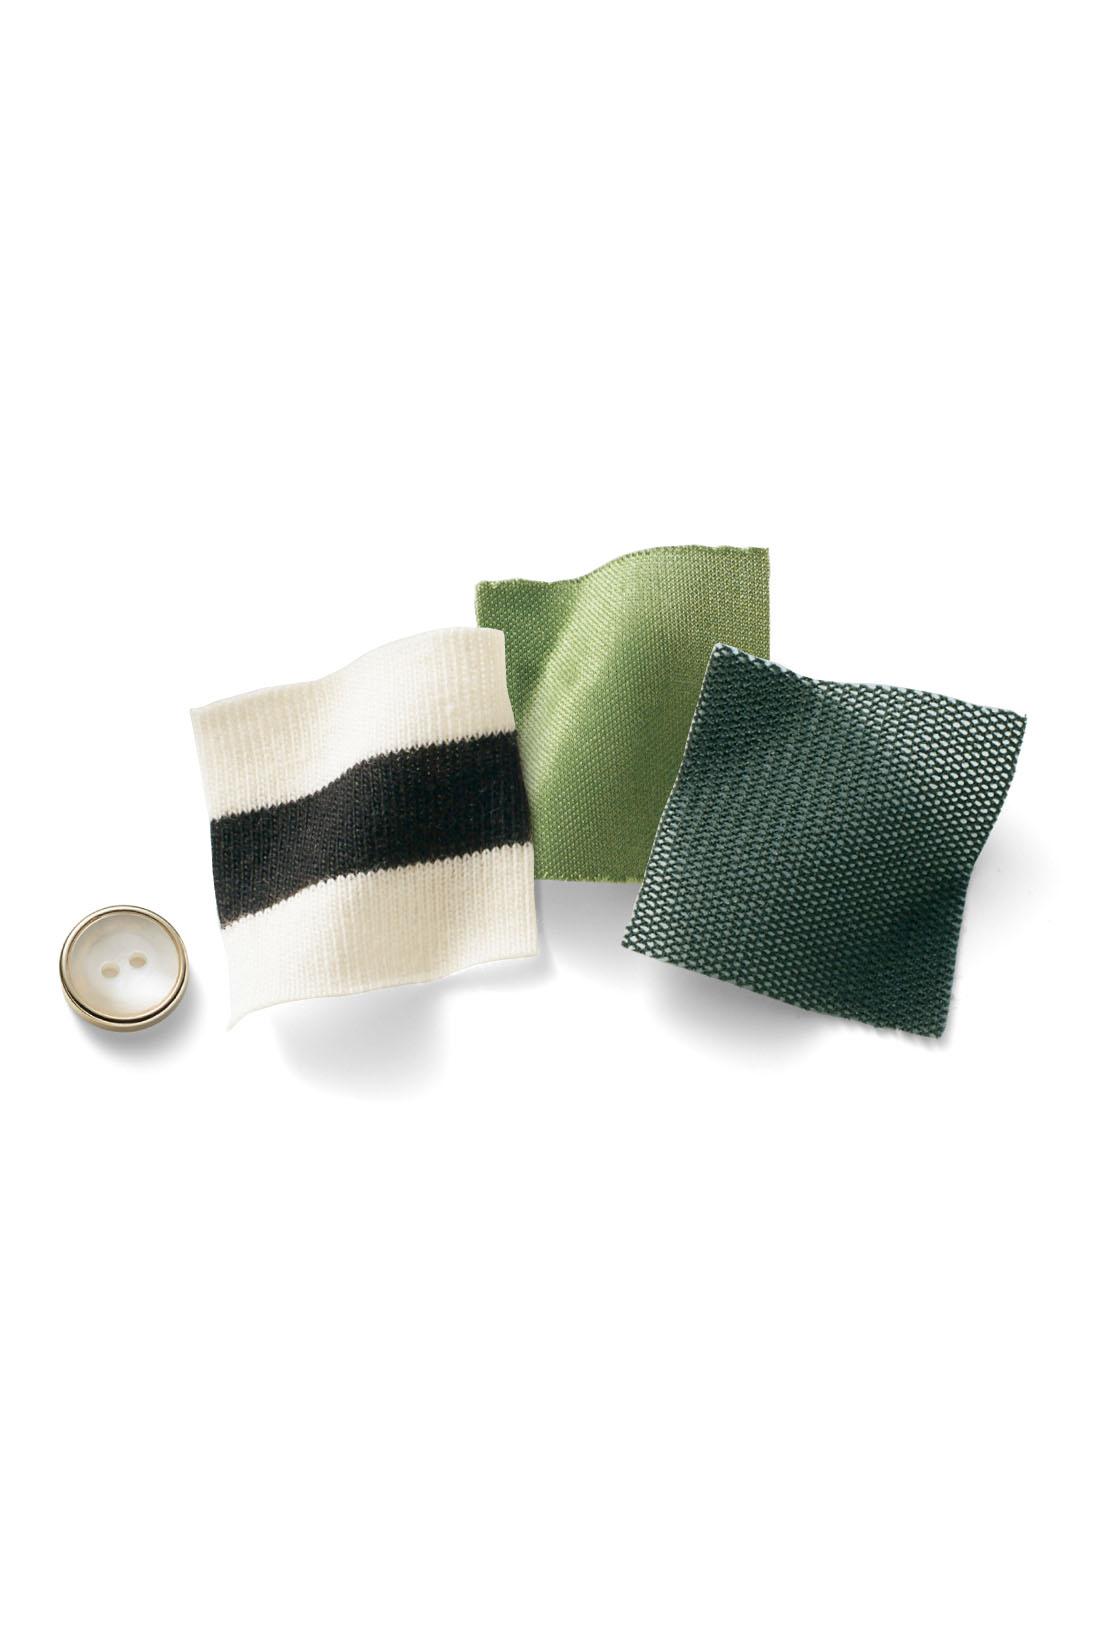 トップス部分は綿混素材のカットソーで心地よく、スカート部分はチュールを重ねて軽やかな印象に。 ※お届けするカラーとは異なります。